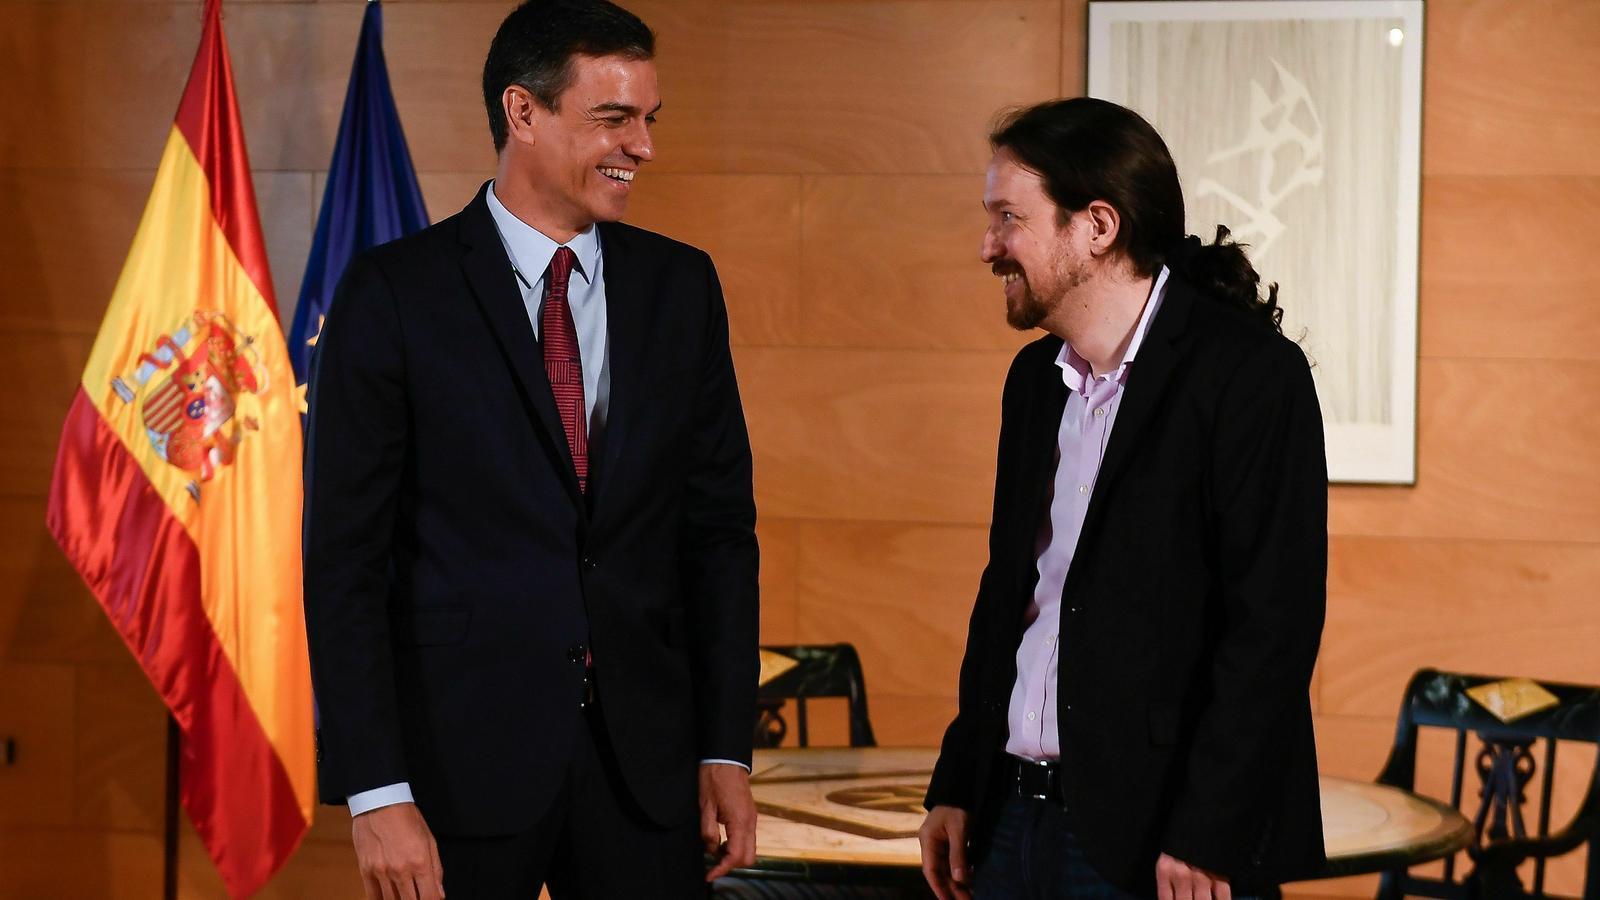 Sánchez i Iglesias compareixeran al Congrés per fer un anunci sobre les negociacions per formar govern